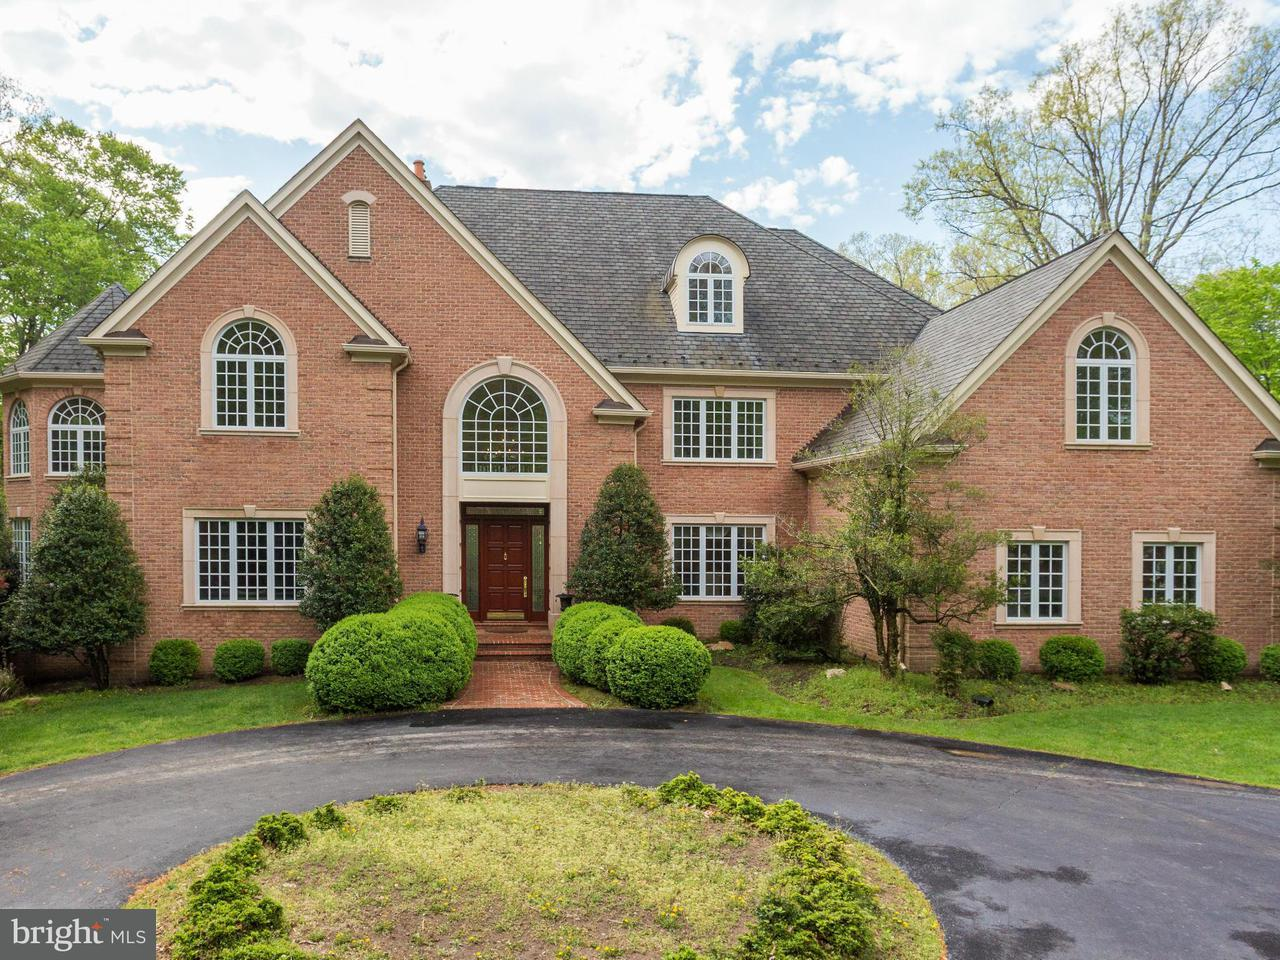 Частный односемейный дом для того Продажа на 12994 WYCKLAND Drive 12994 WYCKLAND Drive Clifton, Виргиния 20124 Соединенные Штаты